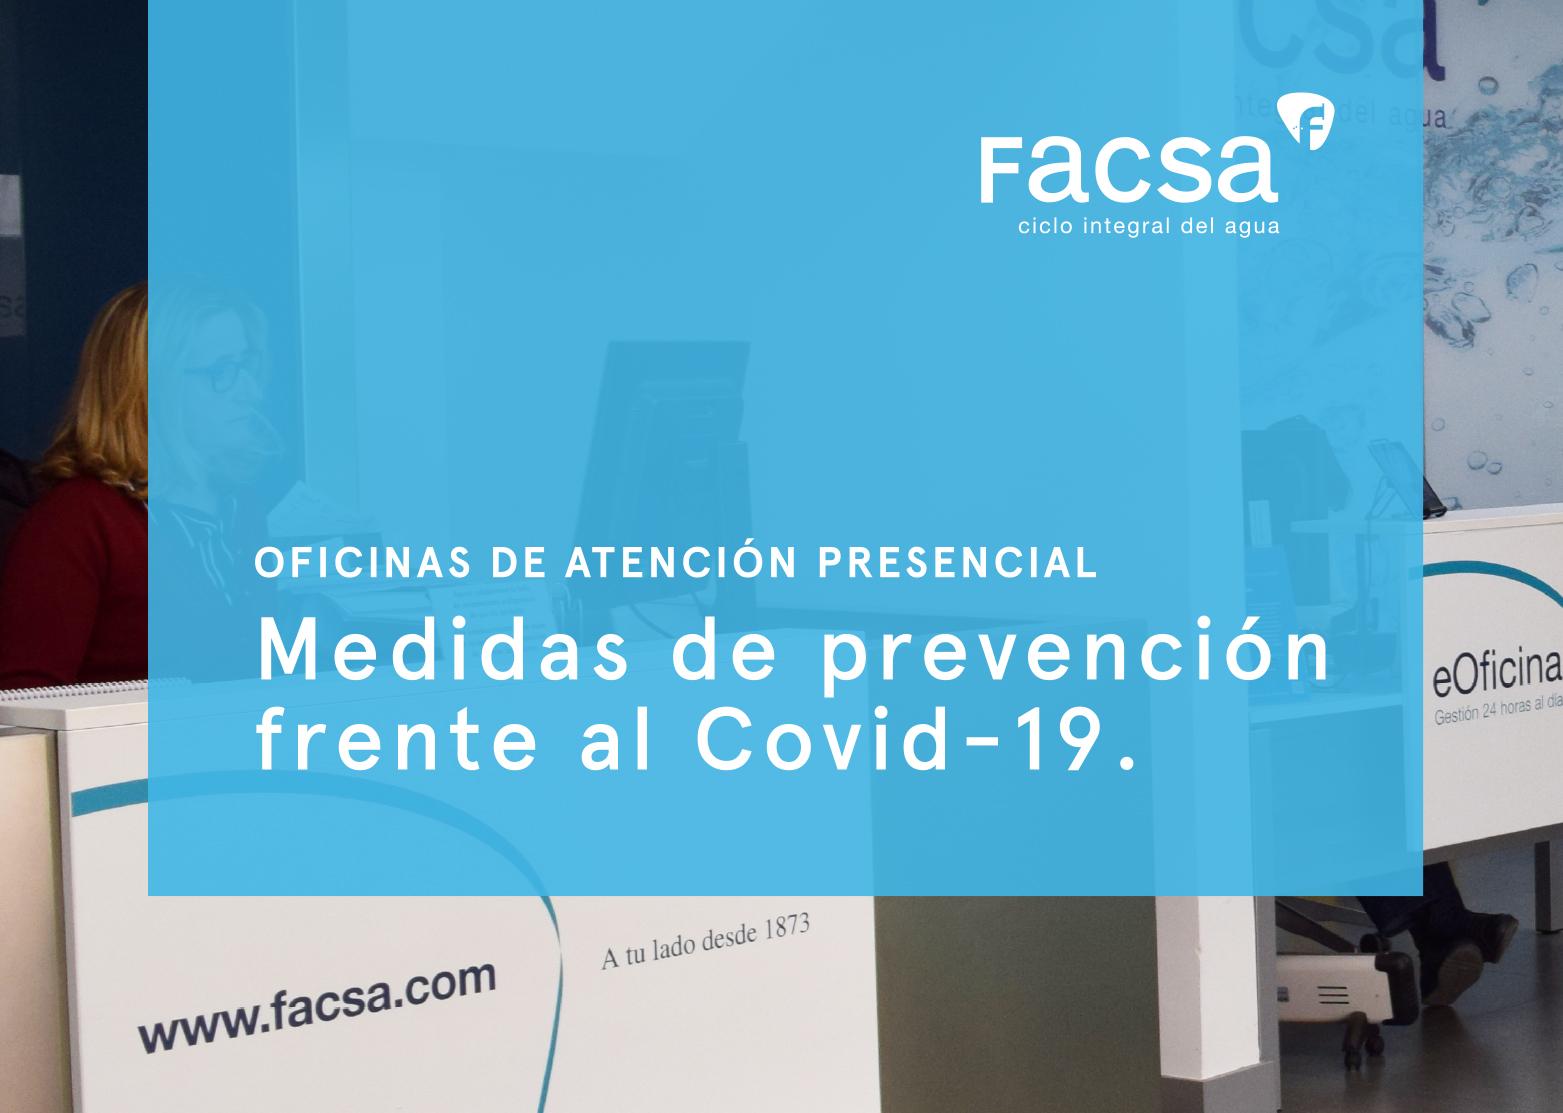 Medidas prevencion abastecimiento_FACSA_def